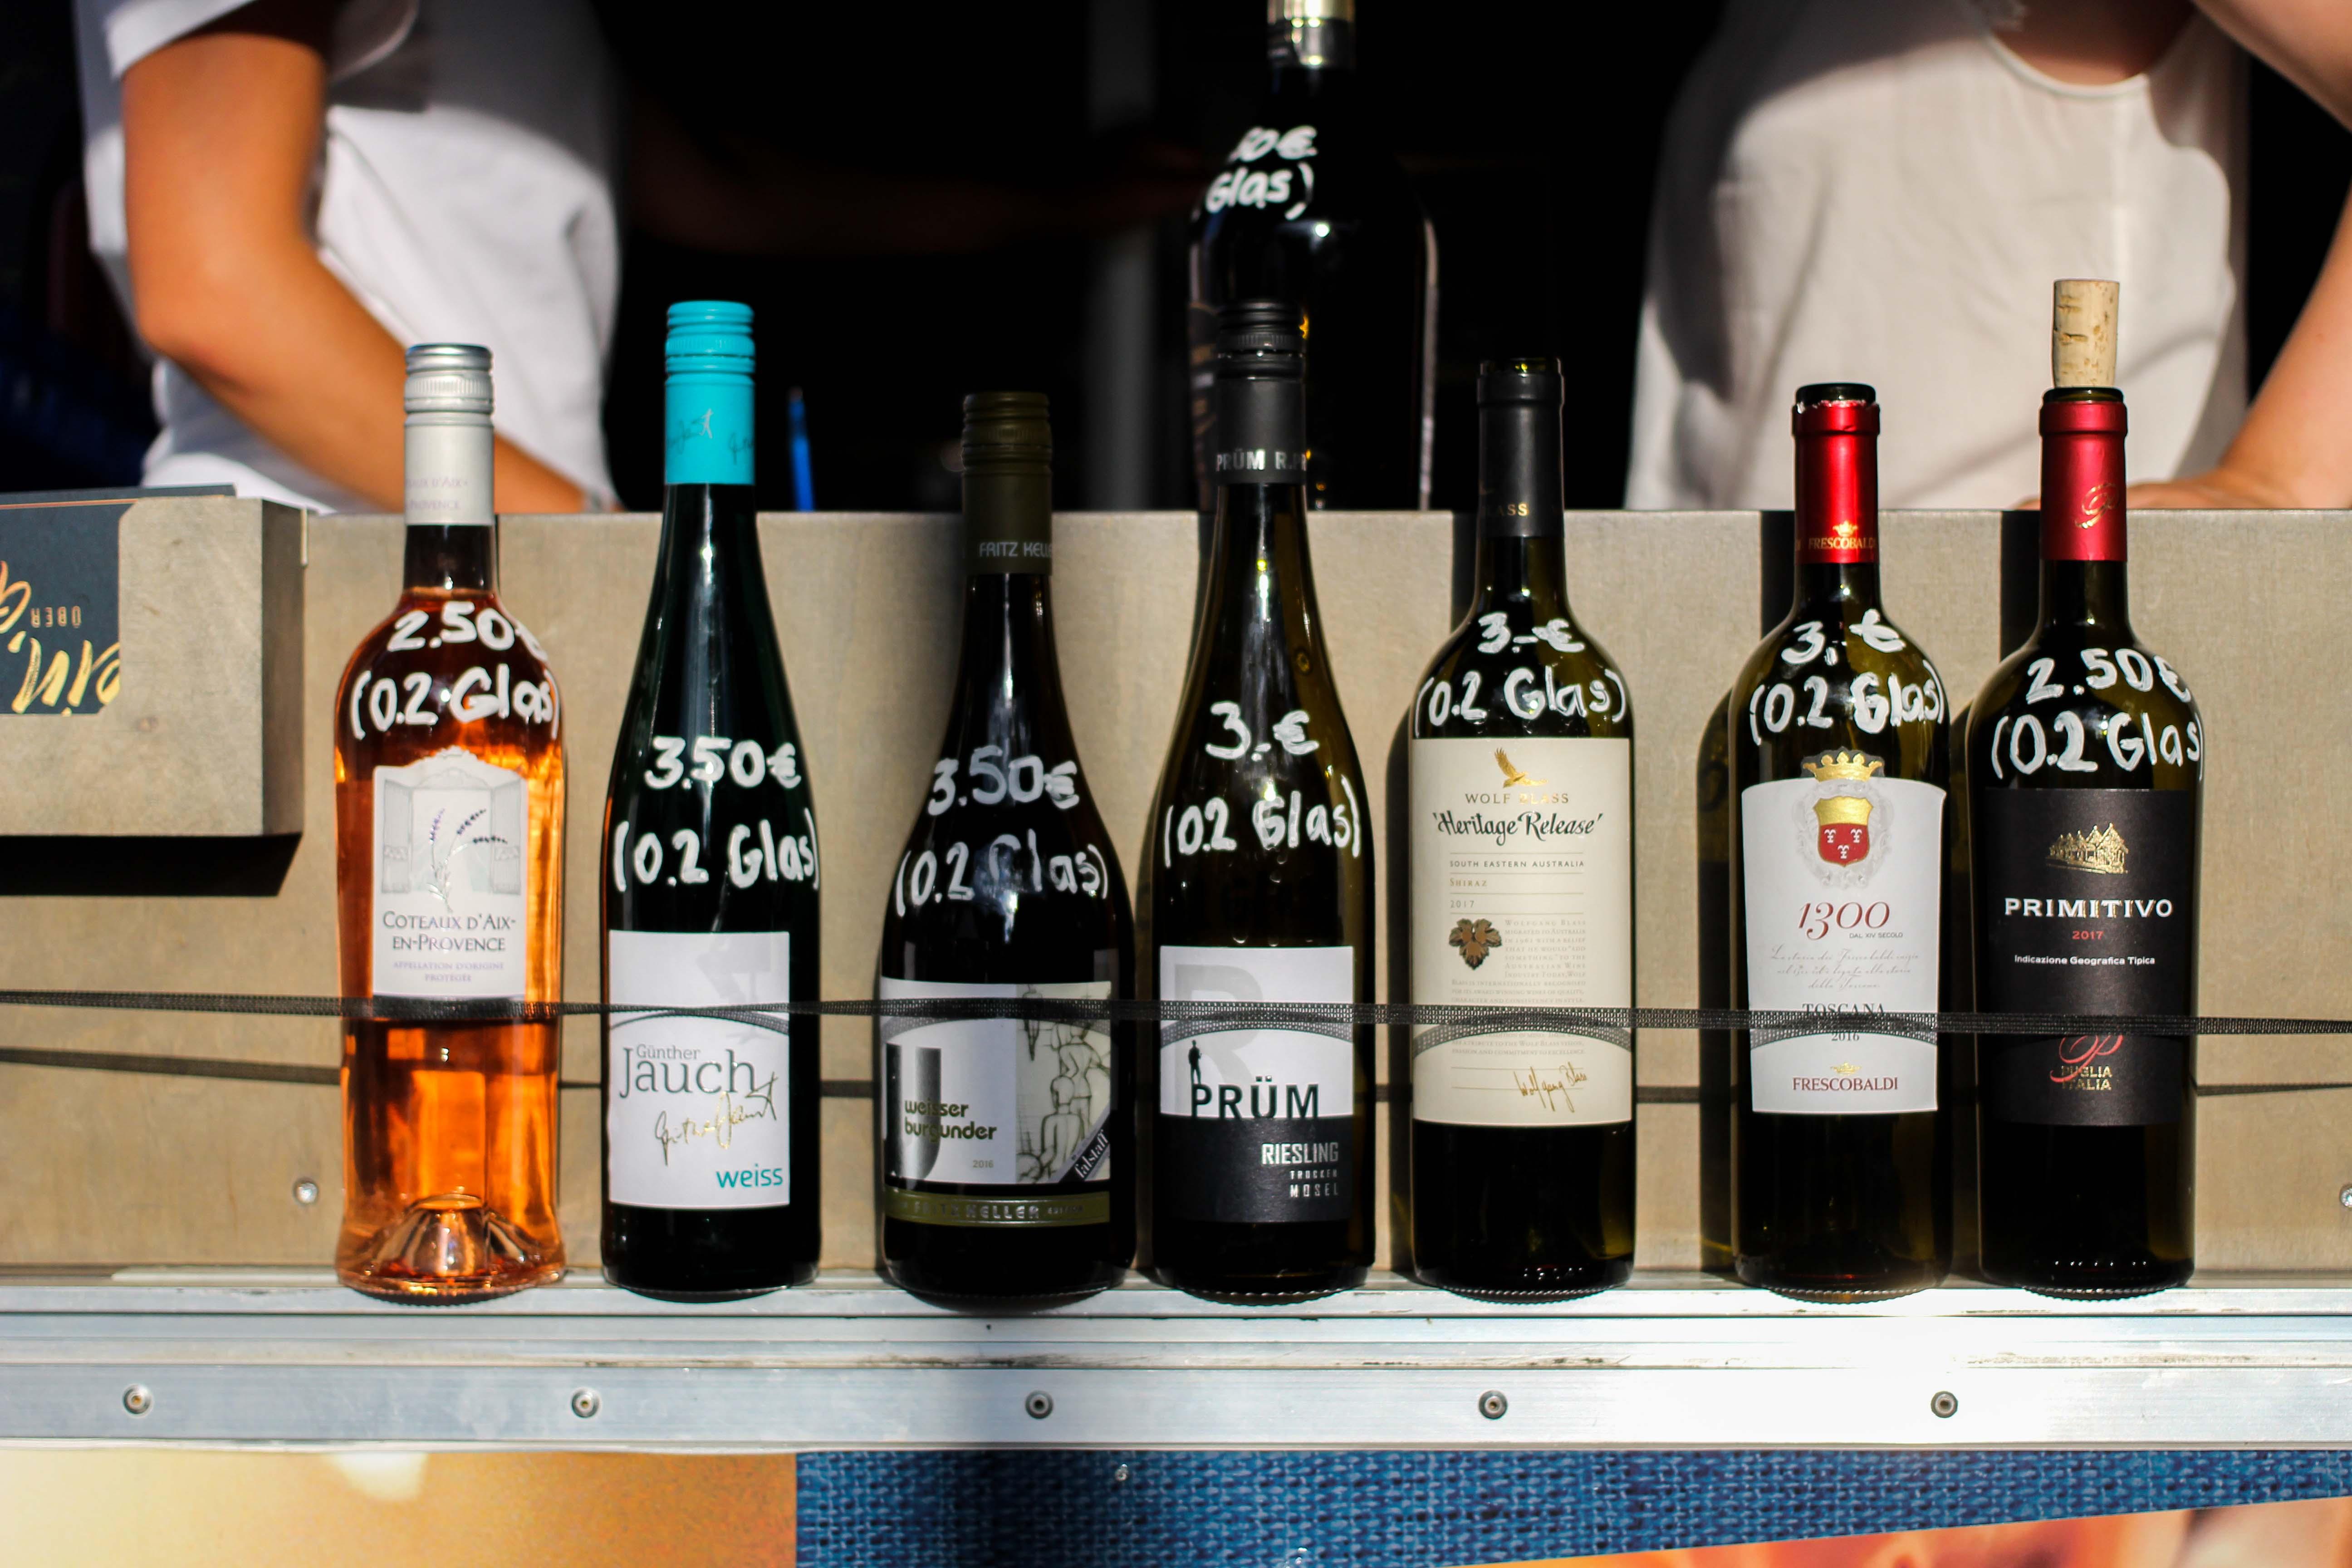 Aldi Süd Wein Tour Weinprobe Wein Truck Rheinuferfest Köln Weißwein Rosewein Rotwein alle Weinsorten